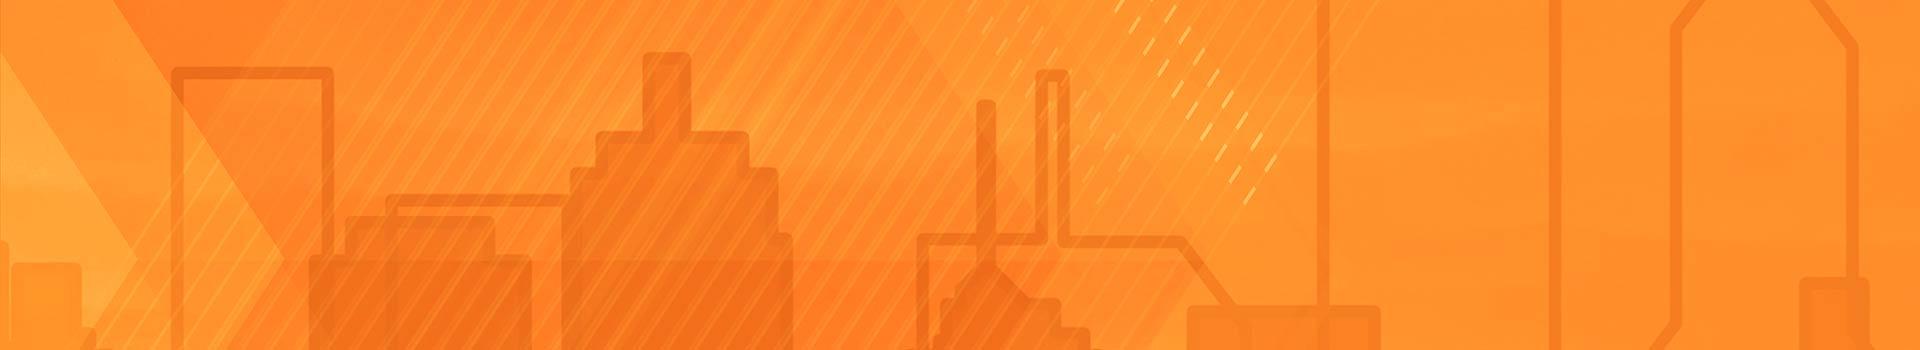 blog_banner_orange2.jpg